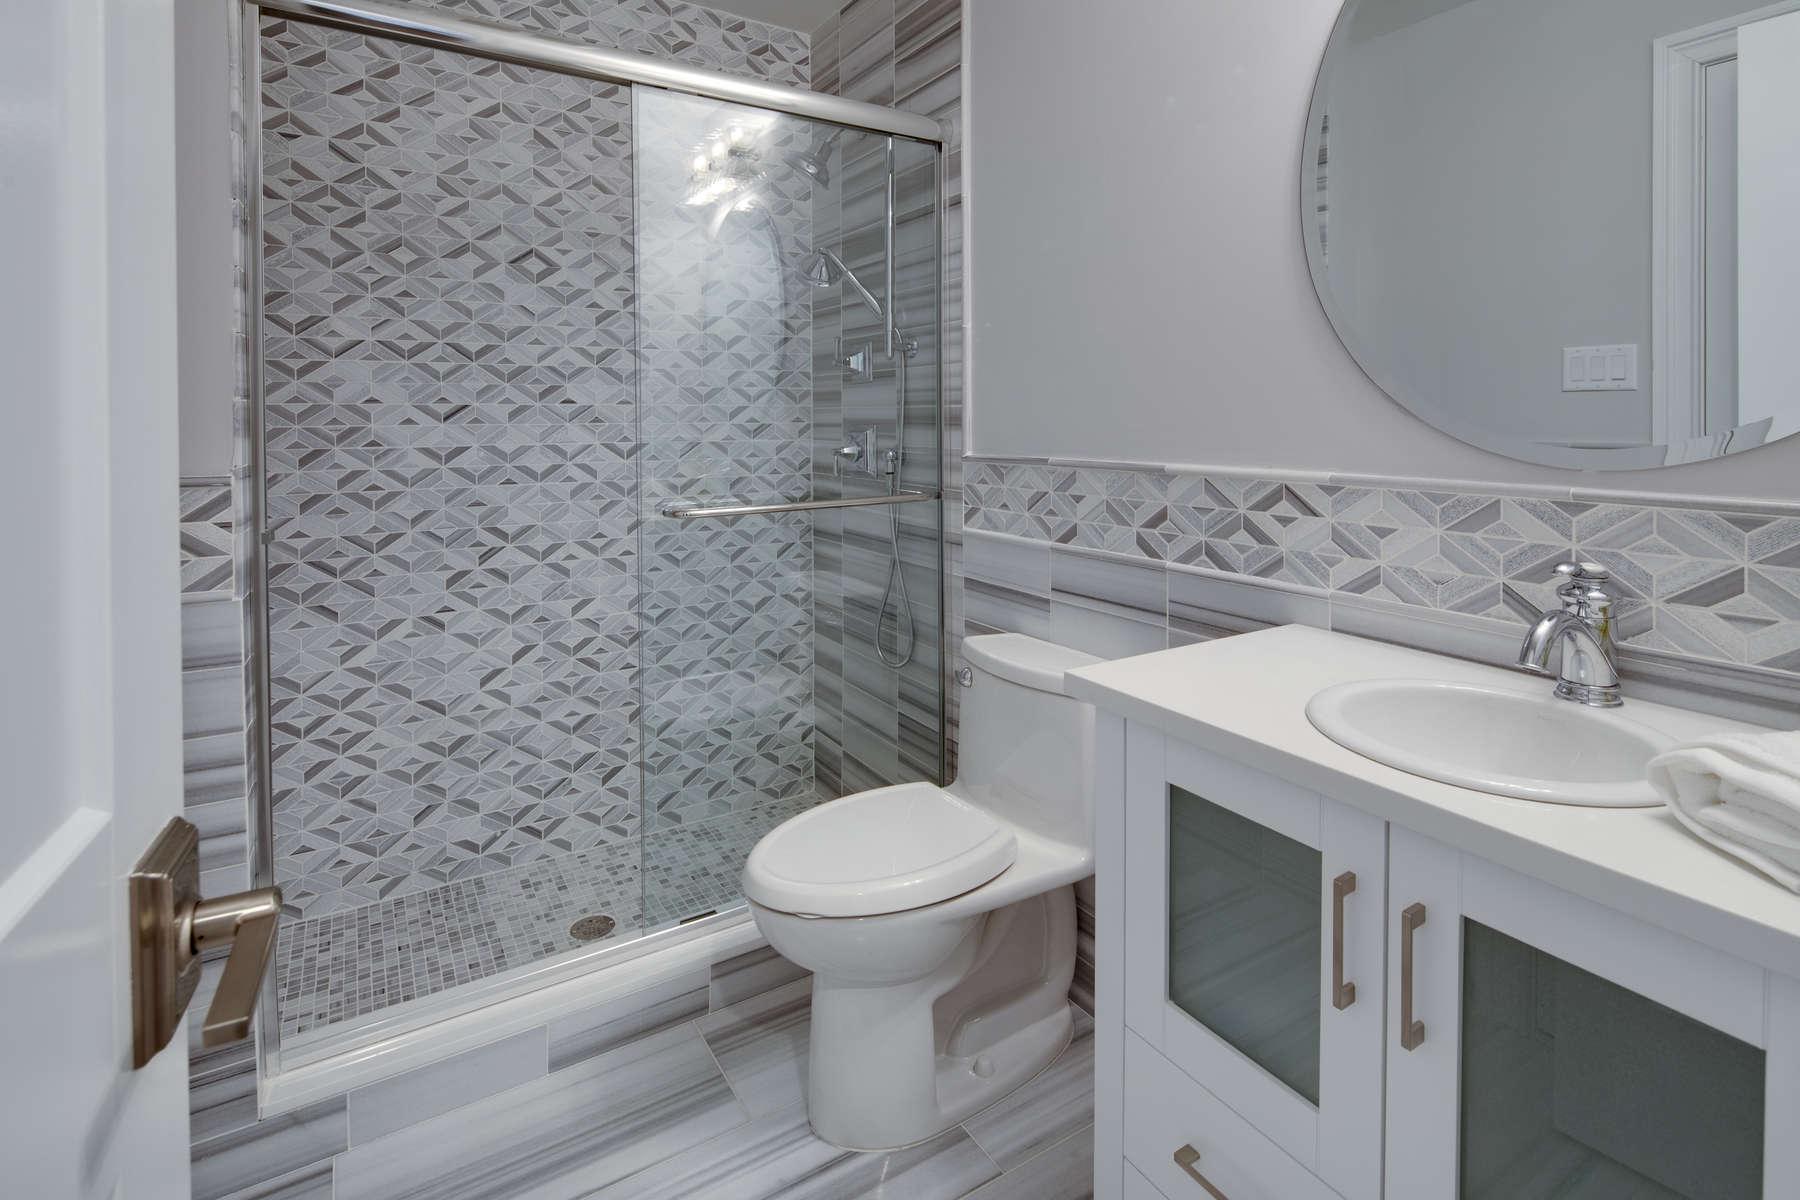 036_Bathroom-